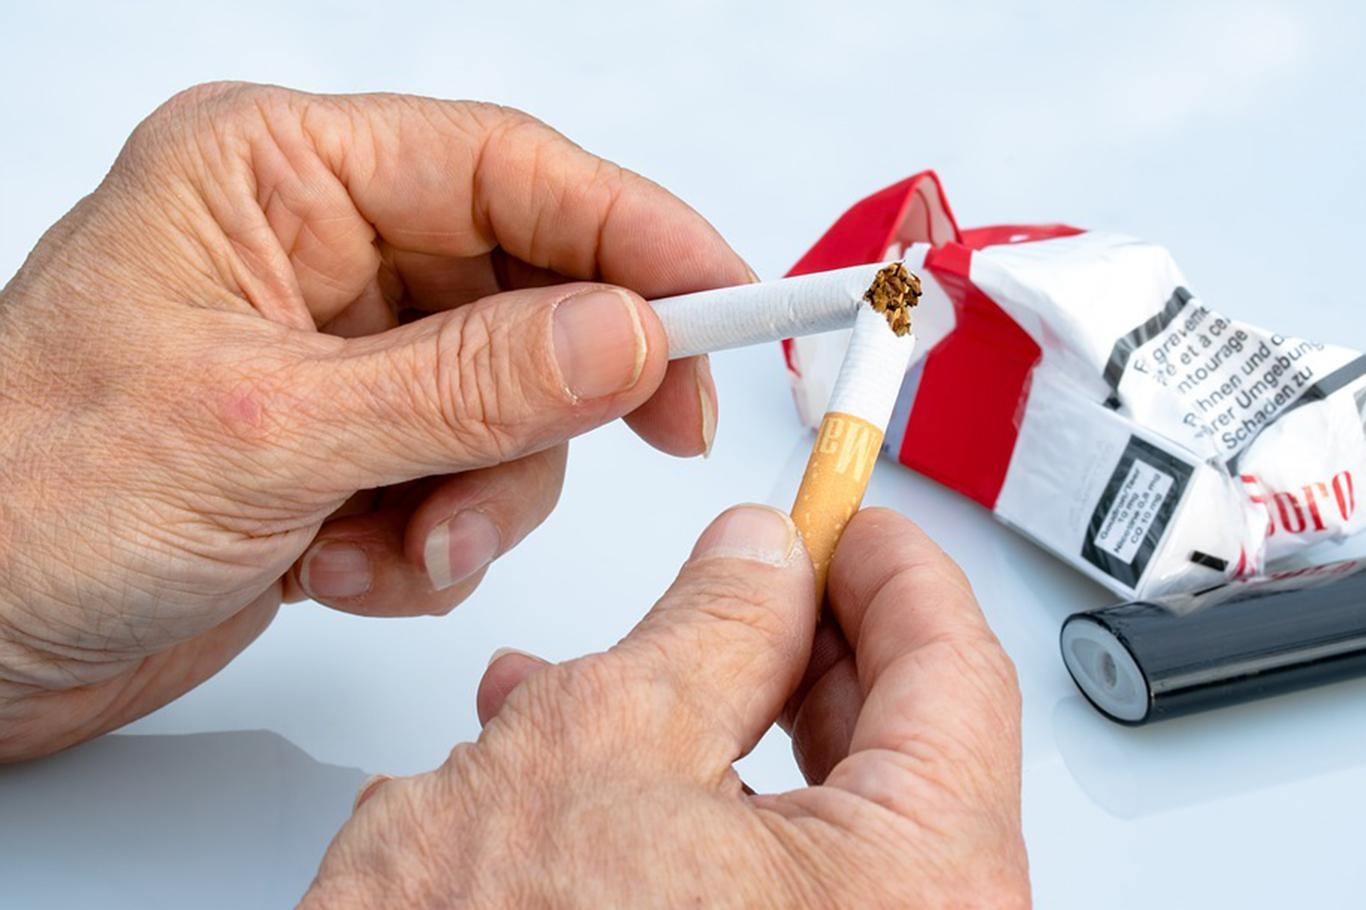 Sigara kullanımı kemik kaynamasını geciktiriyor